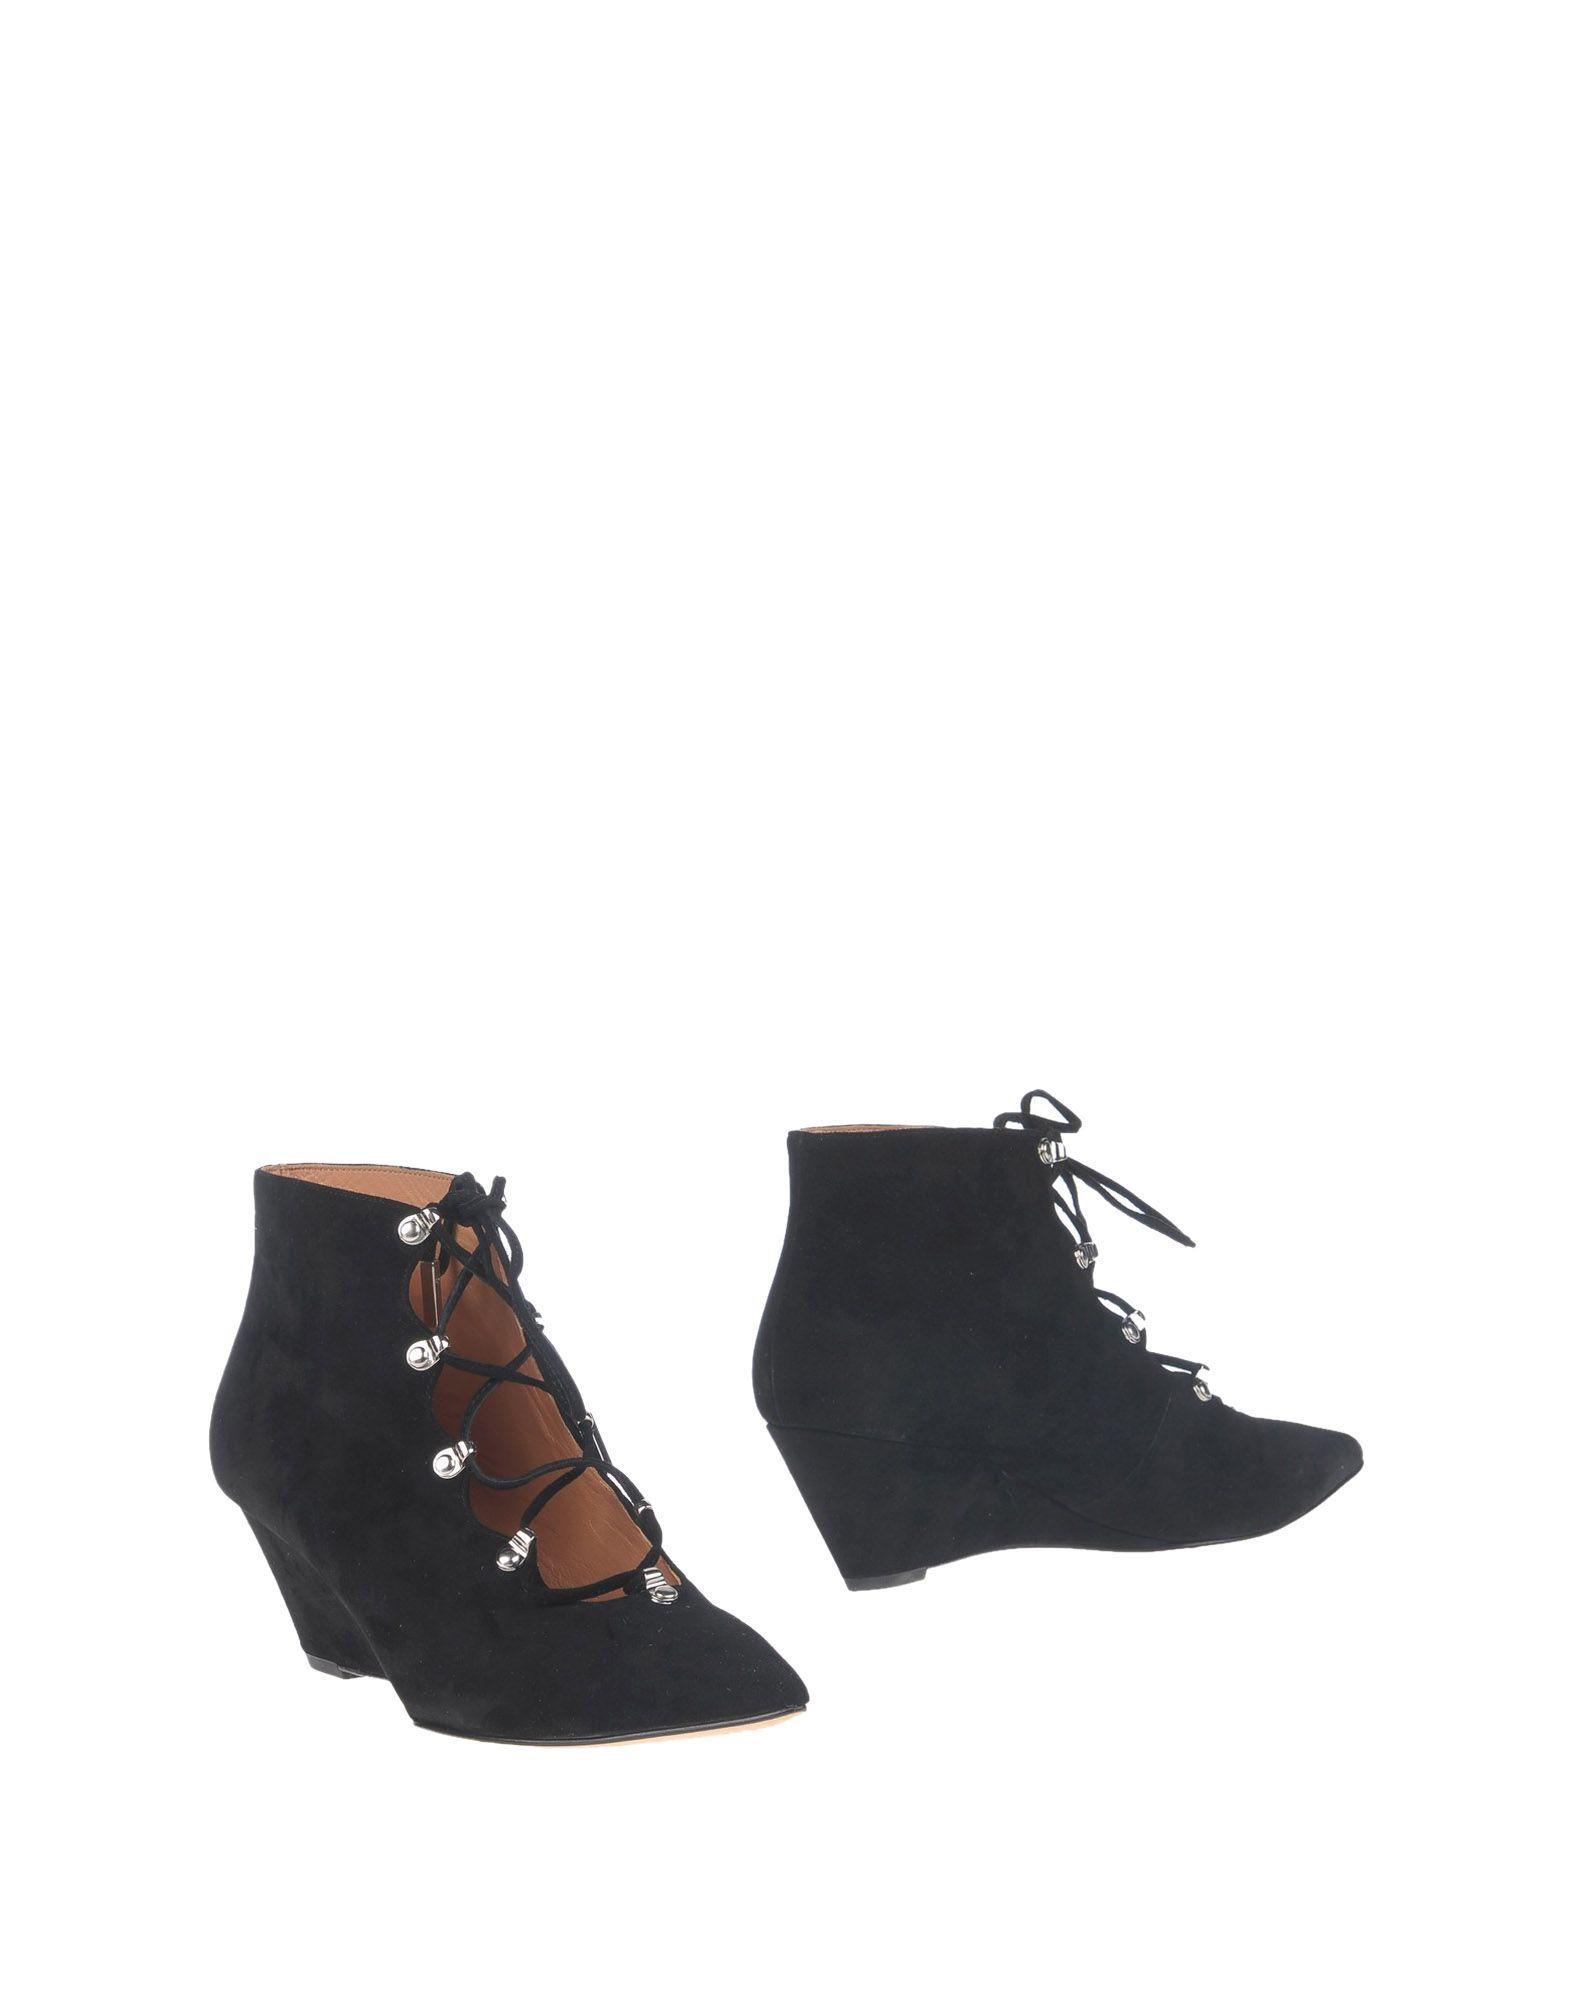 Sigerson Morrison Stiefelette Damen  11286248ROGut aussehende strapazierfähige Schuhe